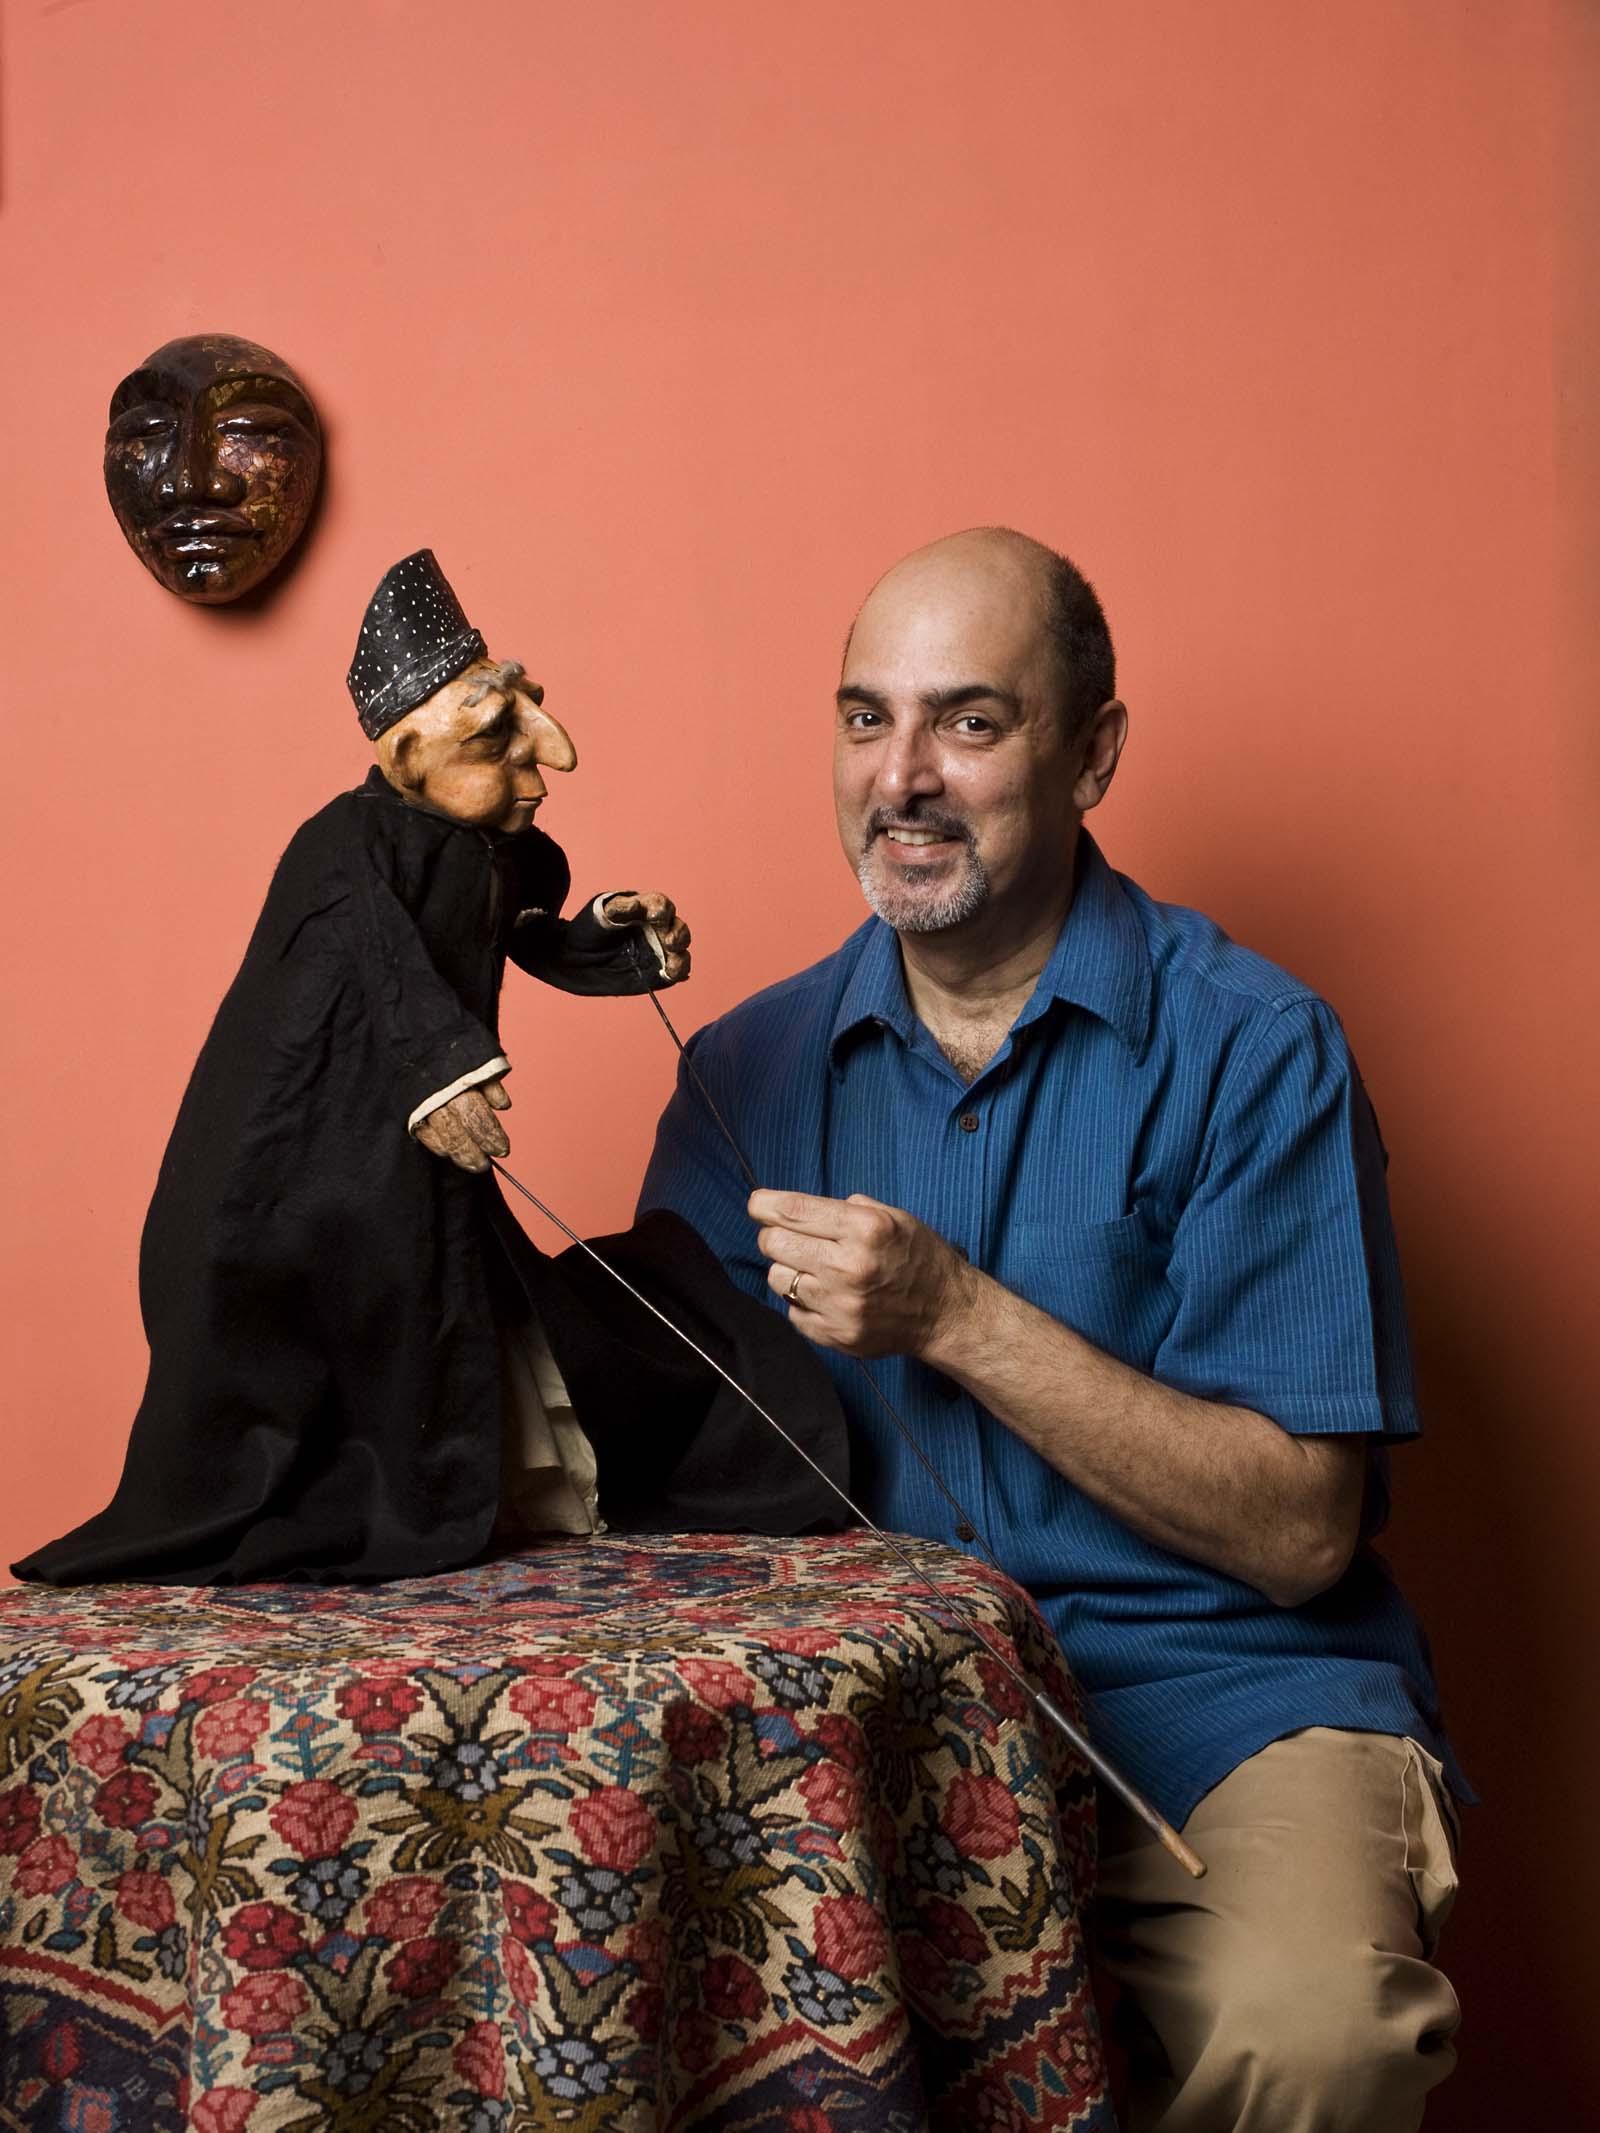 Marionnettiste indien, metteur en s<em>c</em>ène de théâtre de marionnettes et dire<em>c</em>teur de festival, ave<em>c</em> une marionnette à tiges d'un Parsee <em>c</em>réé en 1976. Photo: Anay Maan